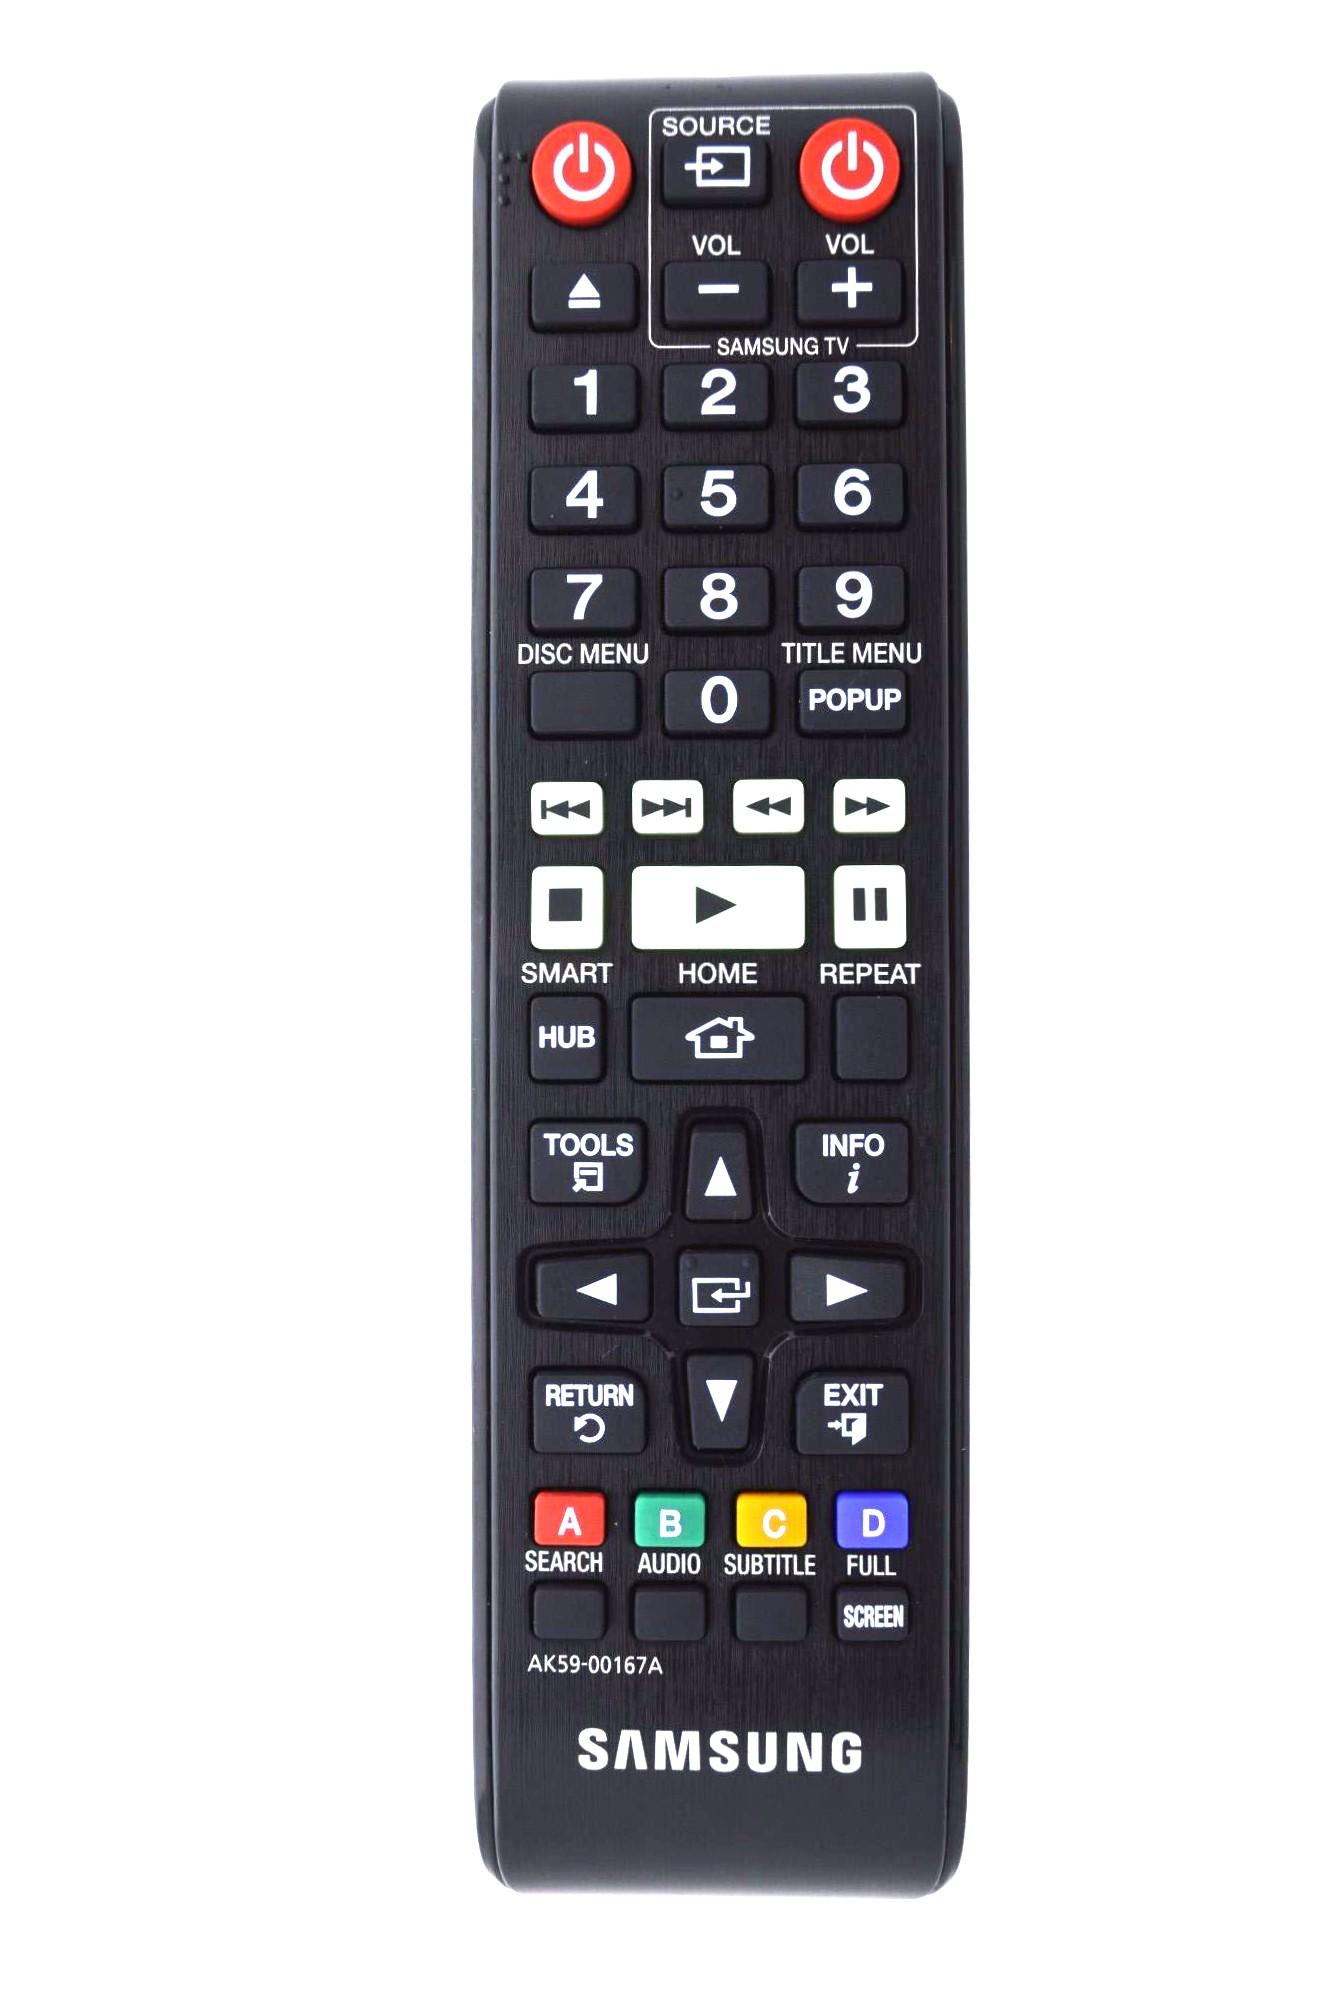 SAMSUNG BDF6500 Remote Control Original